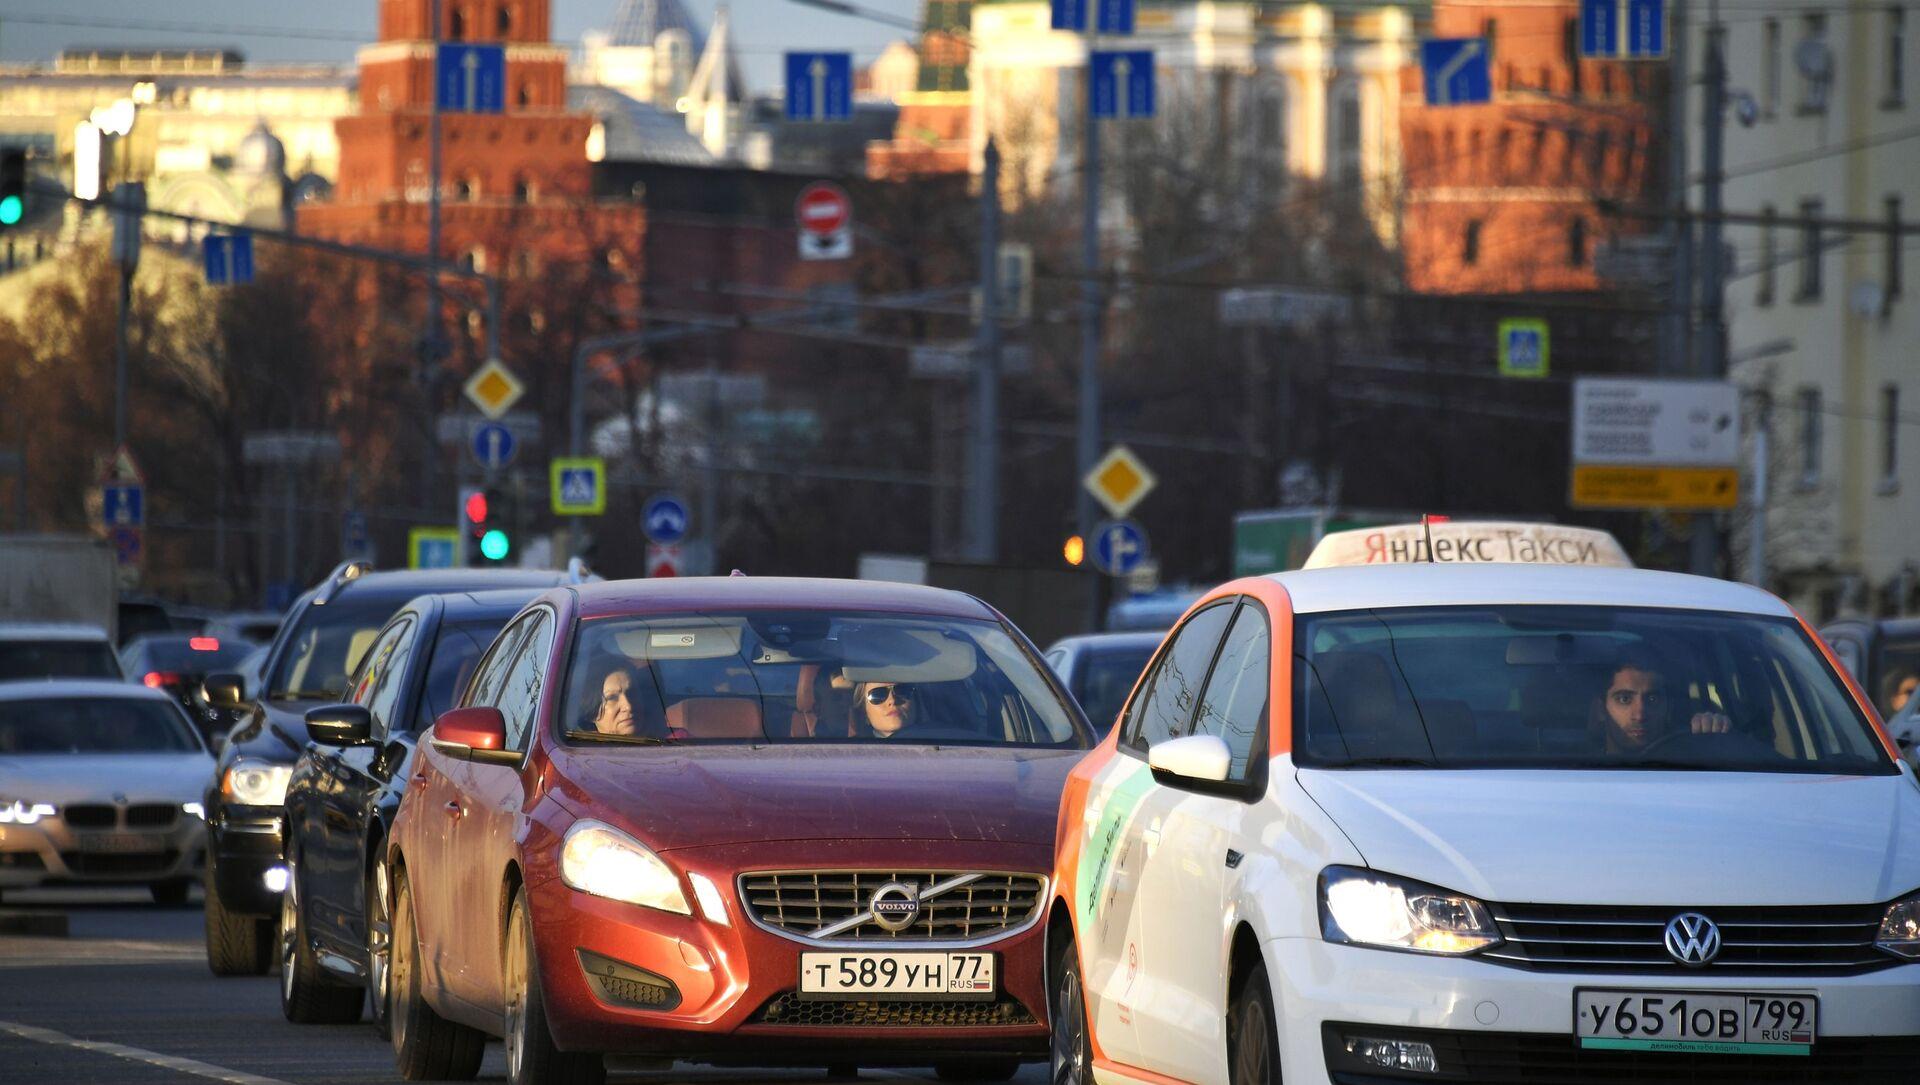 Ô tô bị kẹt xe trên một trong những con phố ở trung tâm thủ đô Moscow - Sputnik Việt Nam, 1920, 17.03.2021